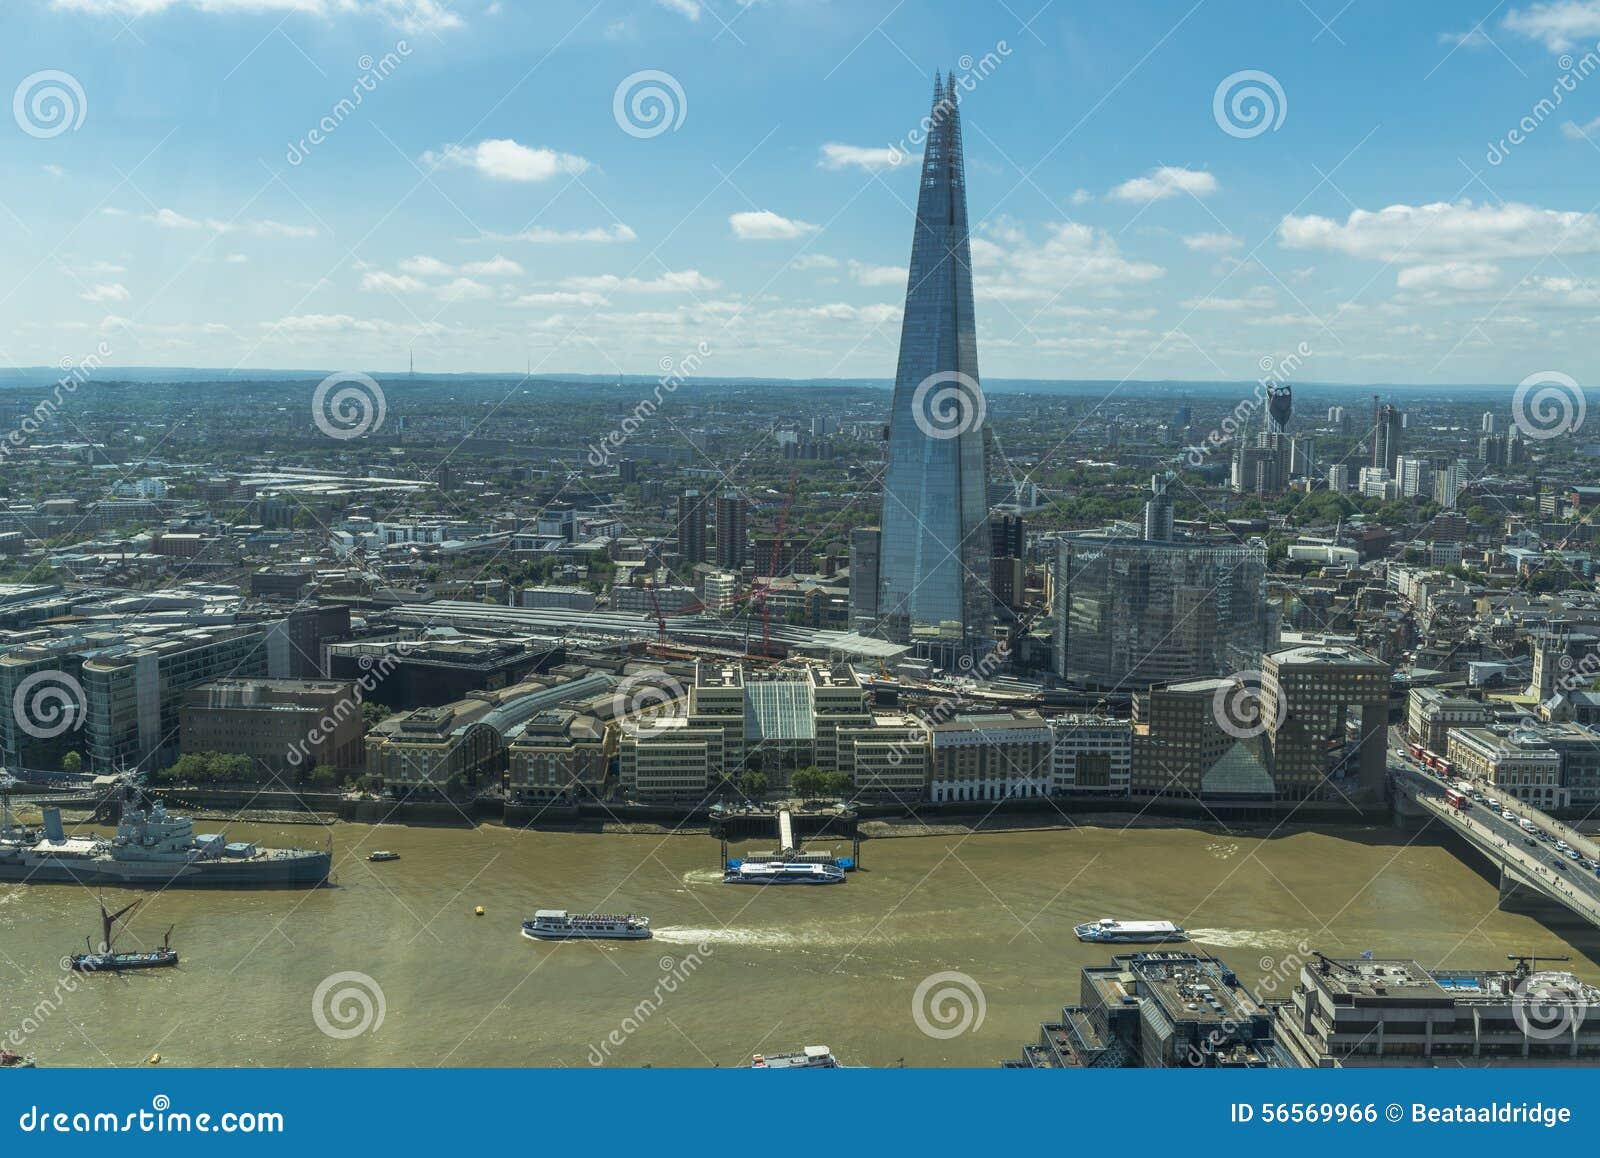 Download Πανοραμική άποψη του Λονδίνου από τον κήπο ουρανού στην ομιλούσα ταινία Walkie Εκδοτική Εικόνες - εικόνα από αρχιπελαγών, μέταλλο: 56569966